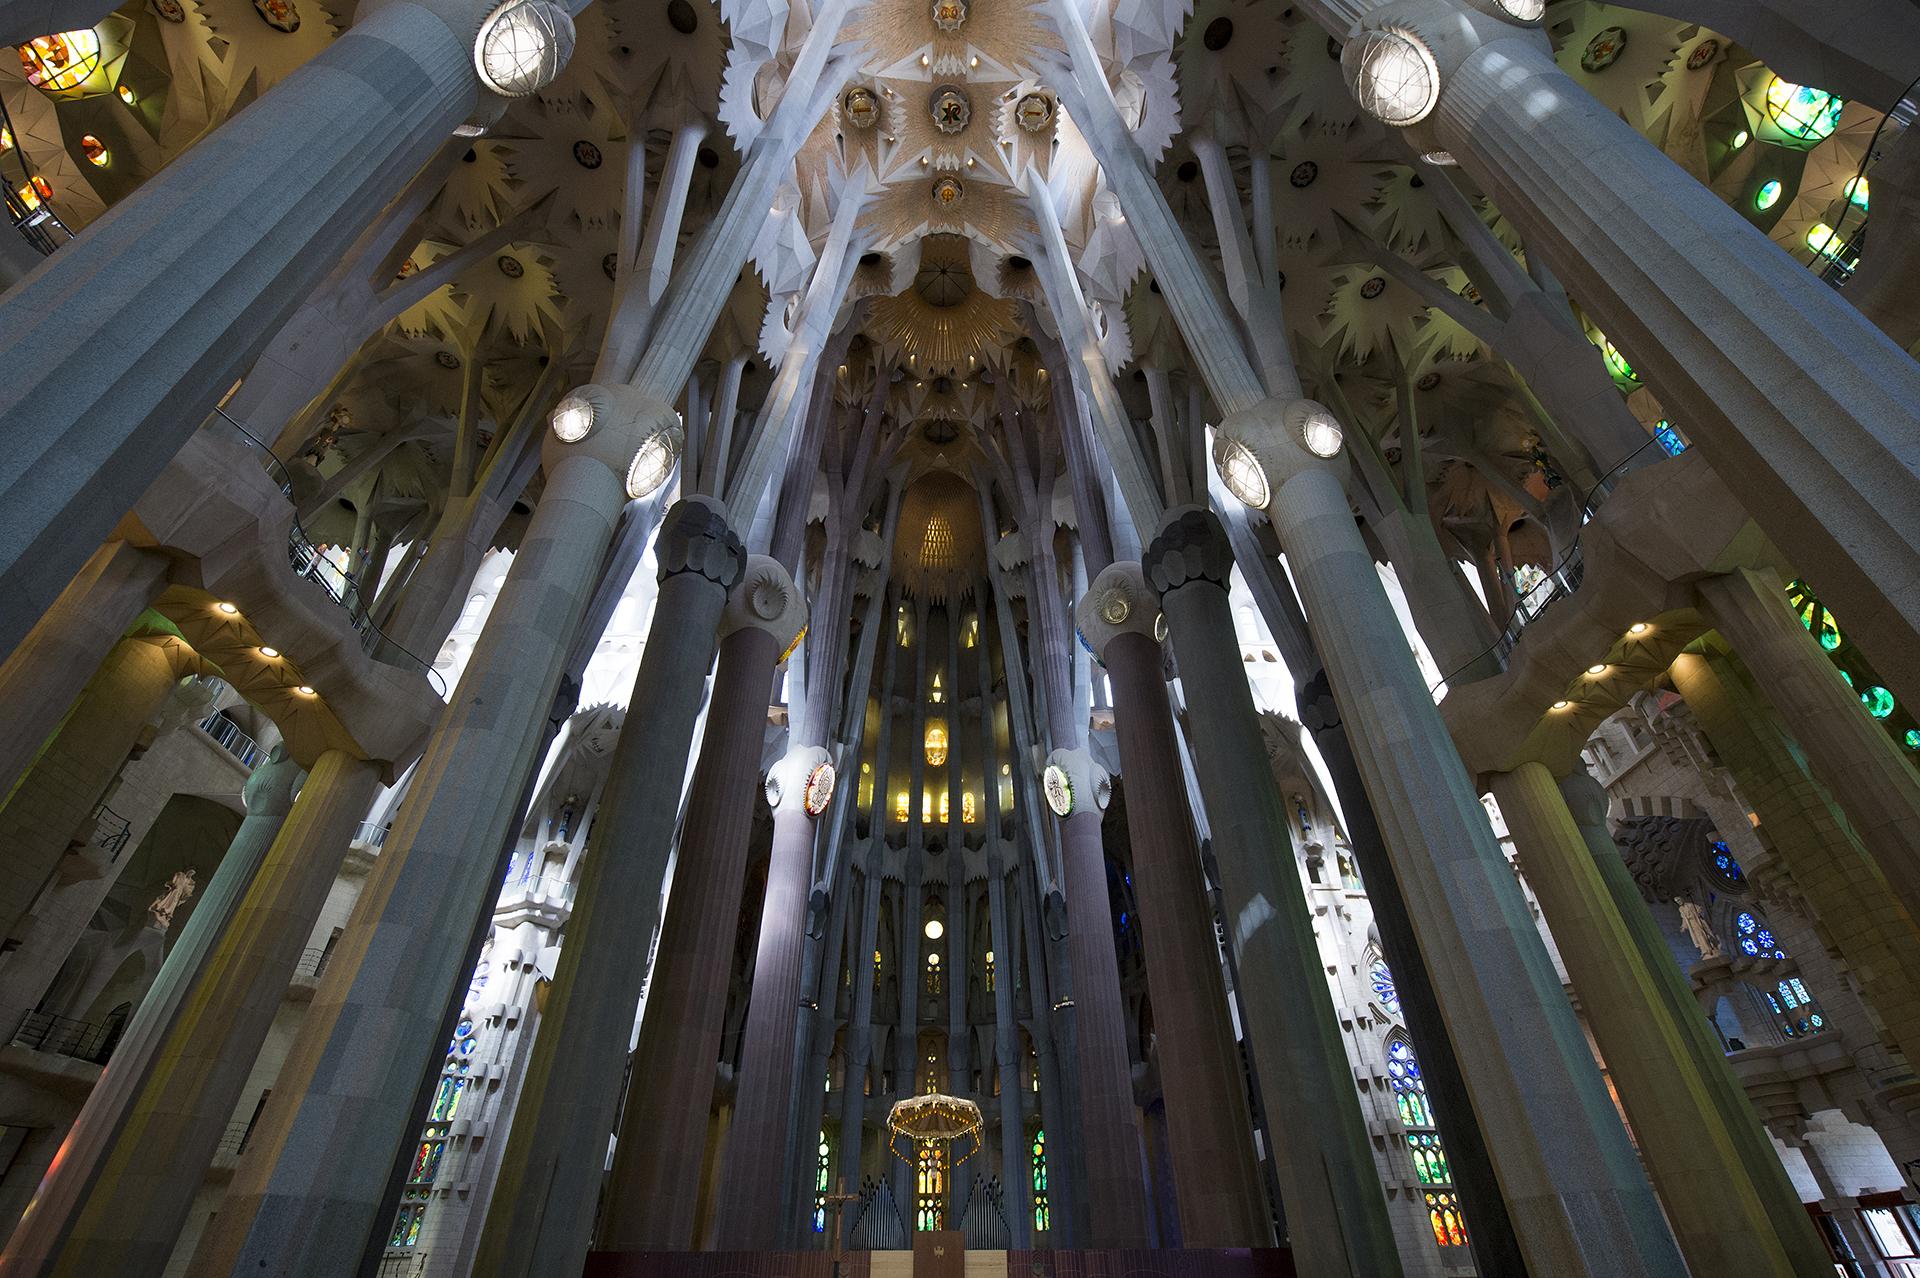 Gaudí trabajó en la basílica más de 40 años y, tras su muerte, en 1926, el proyecto siguió adelante según los planos y dibujos originales